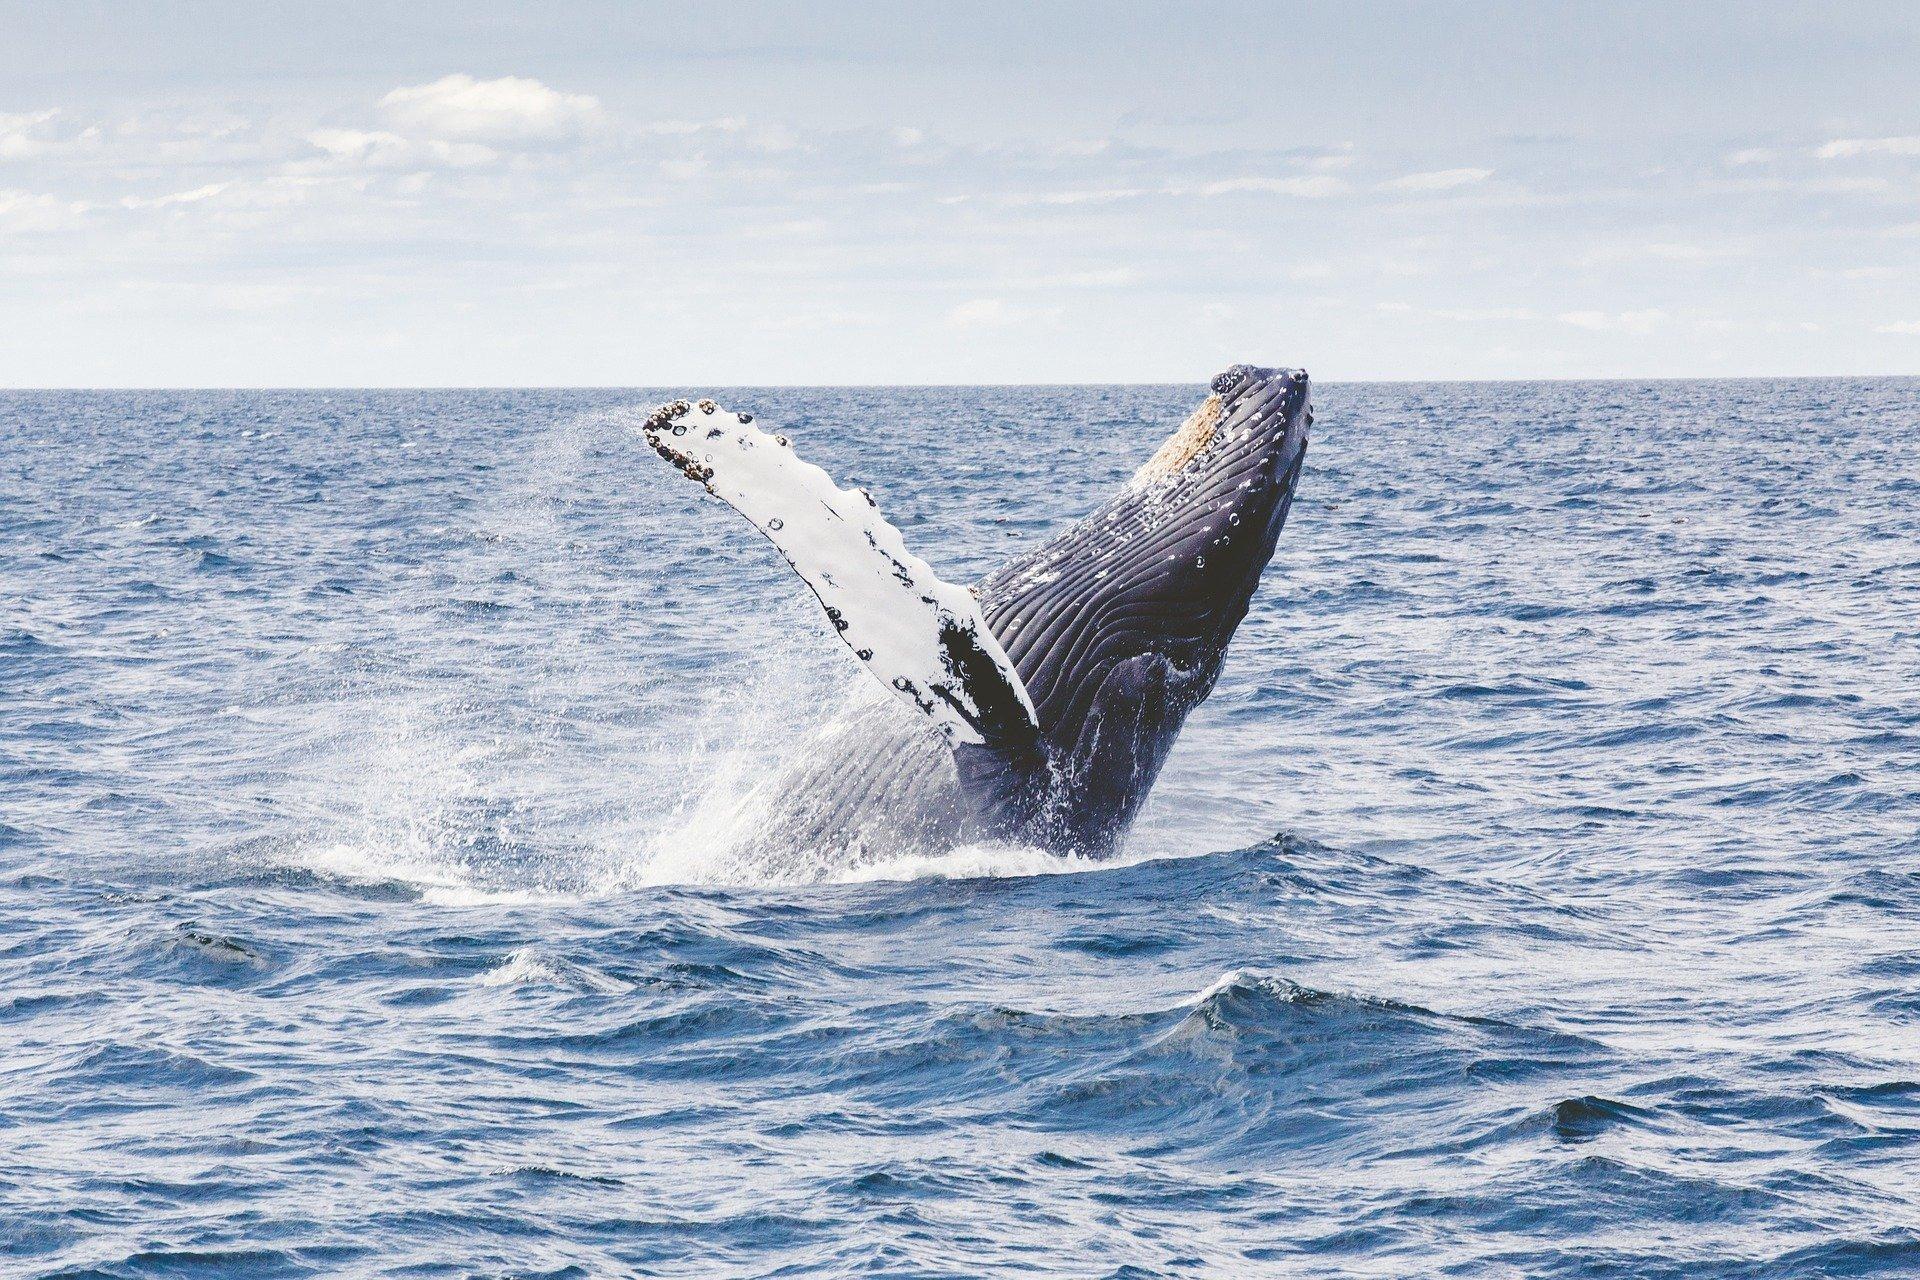 humpback-whale-12092971920-1584026805.jpg